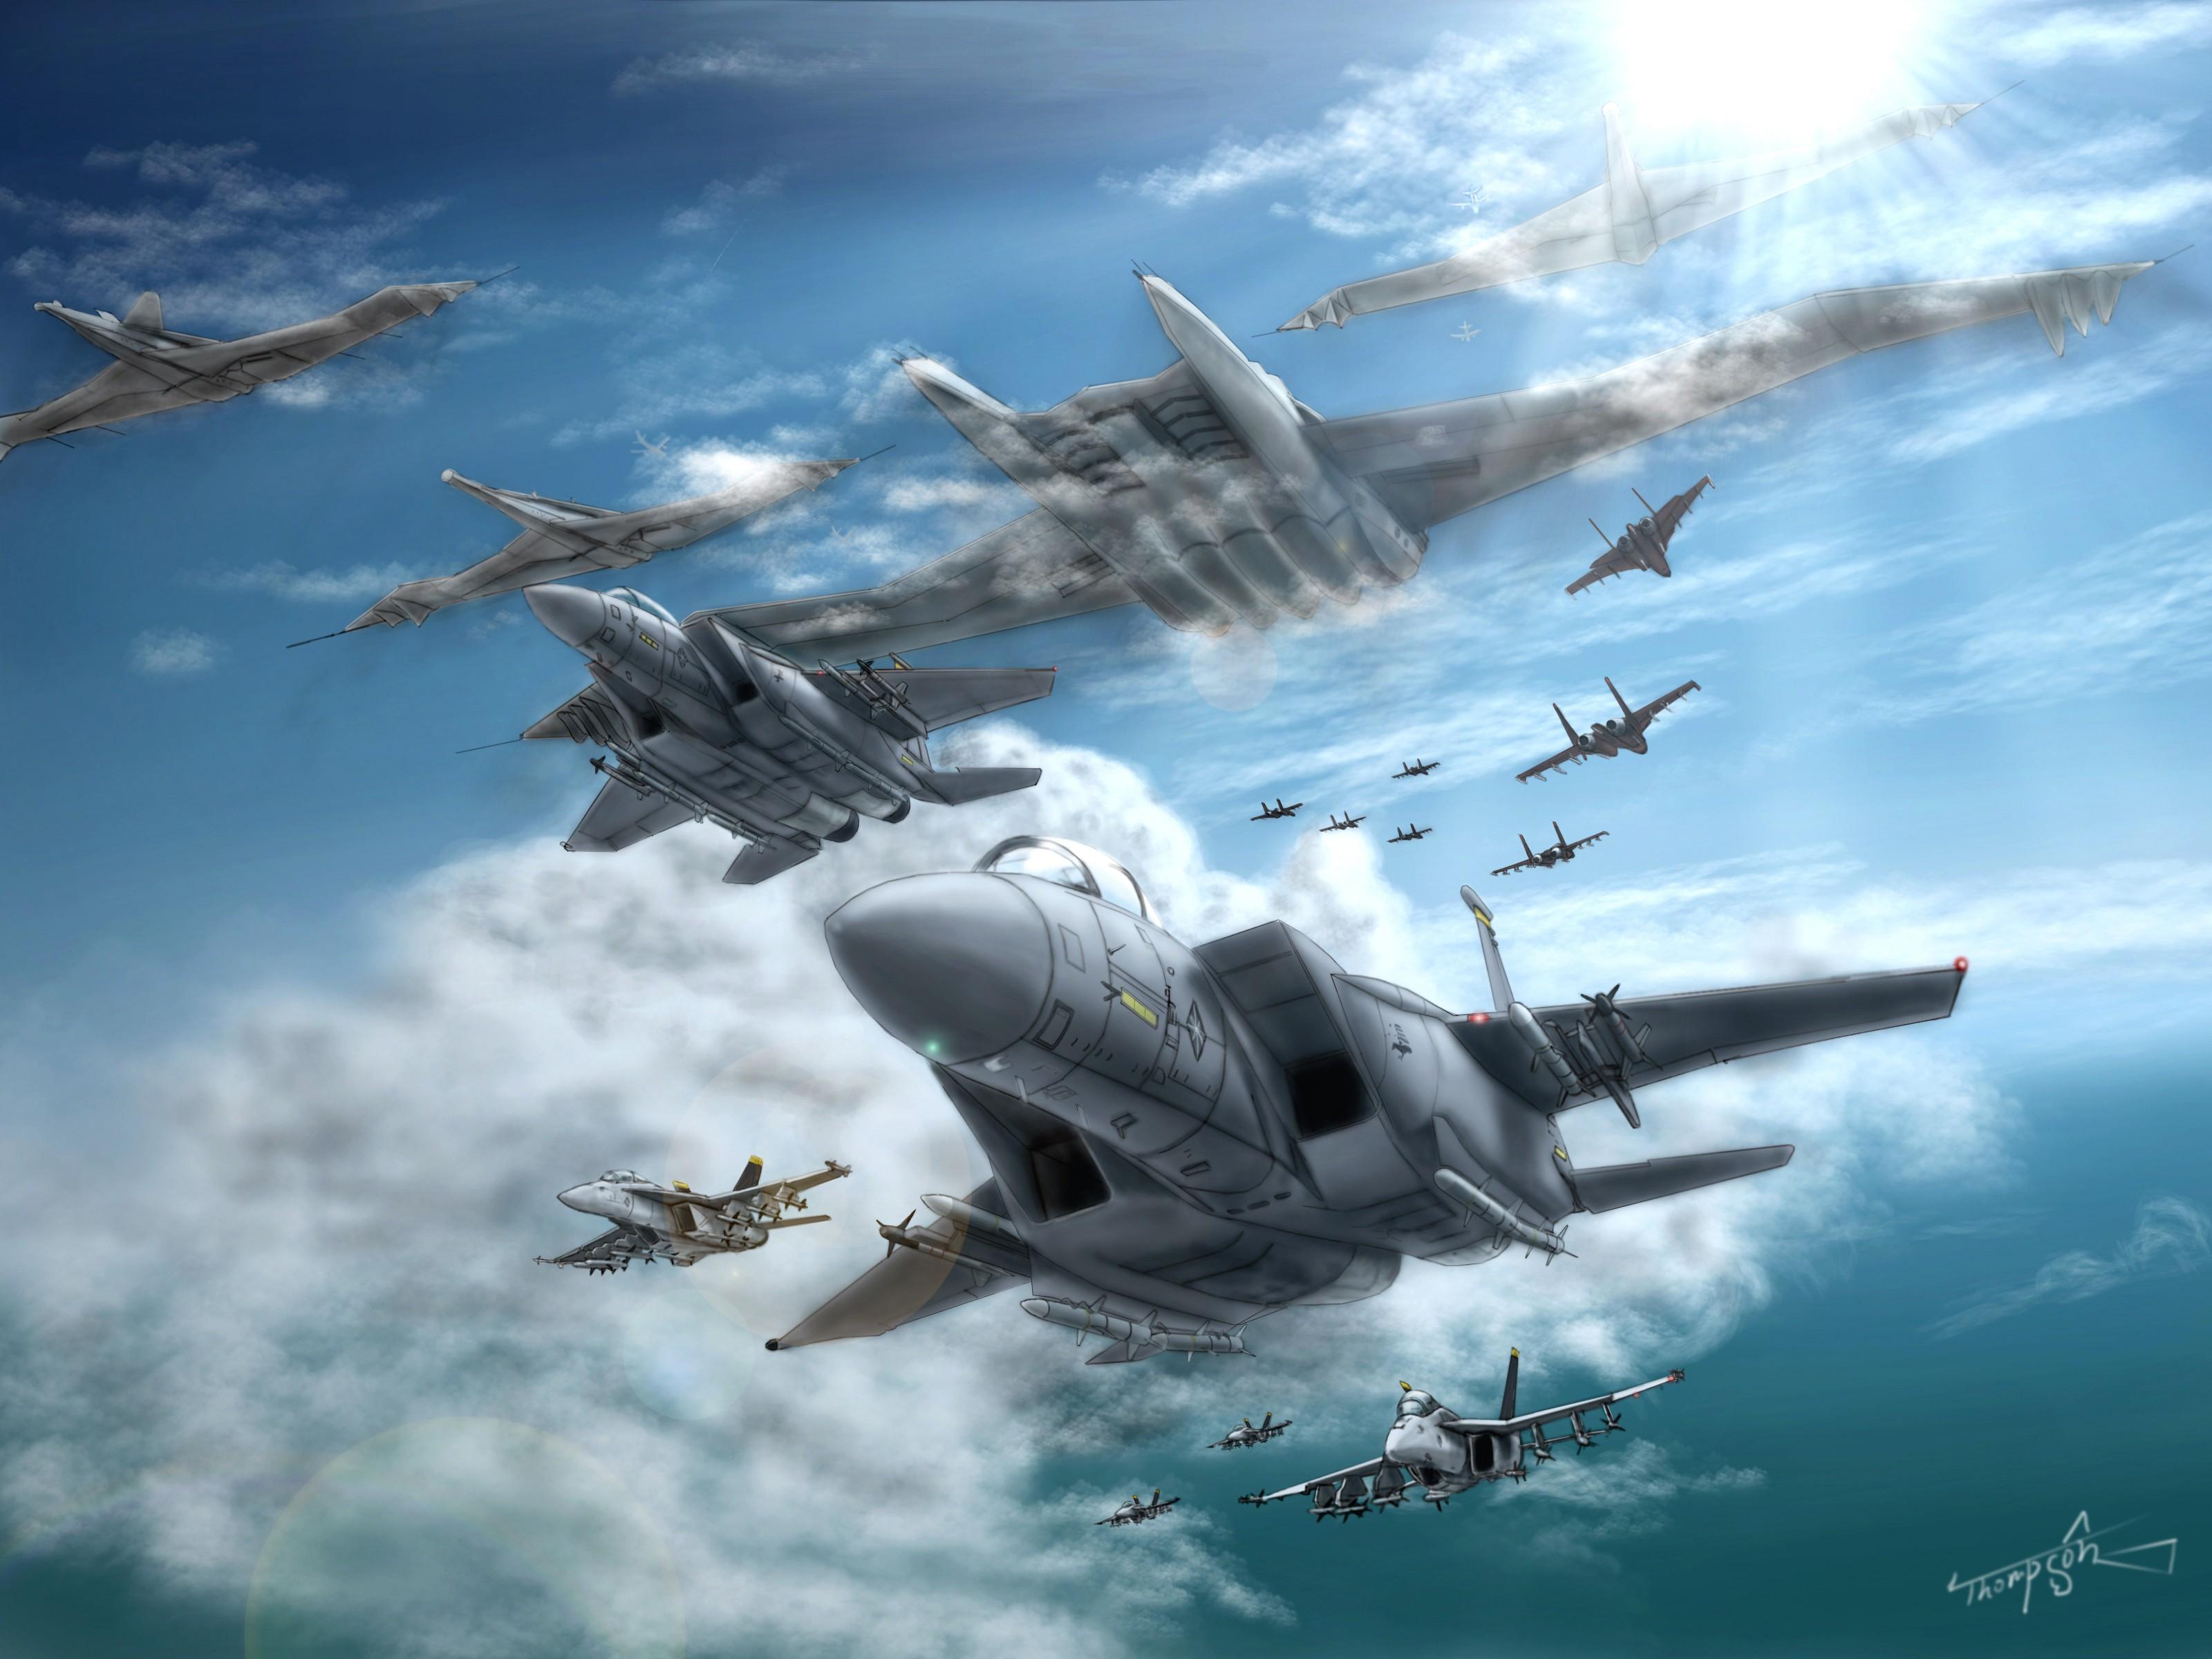 Ace Combat HD Wallpaper